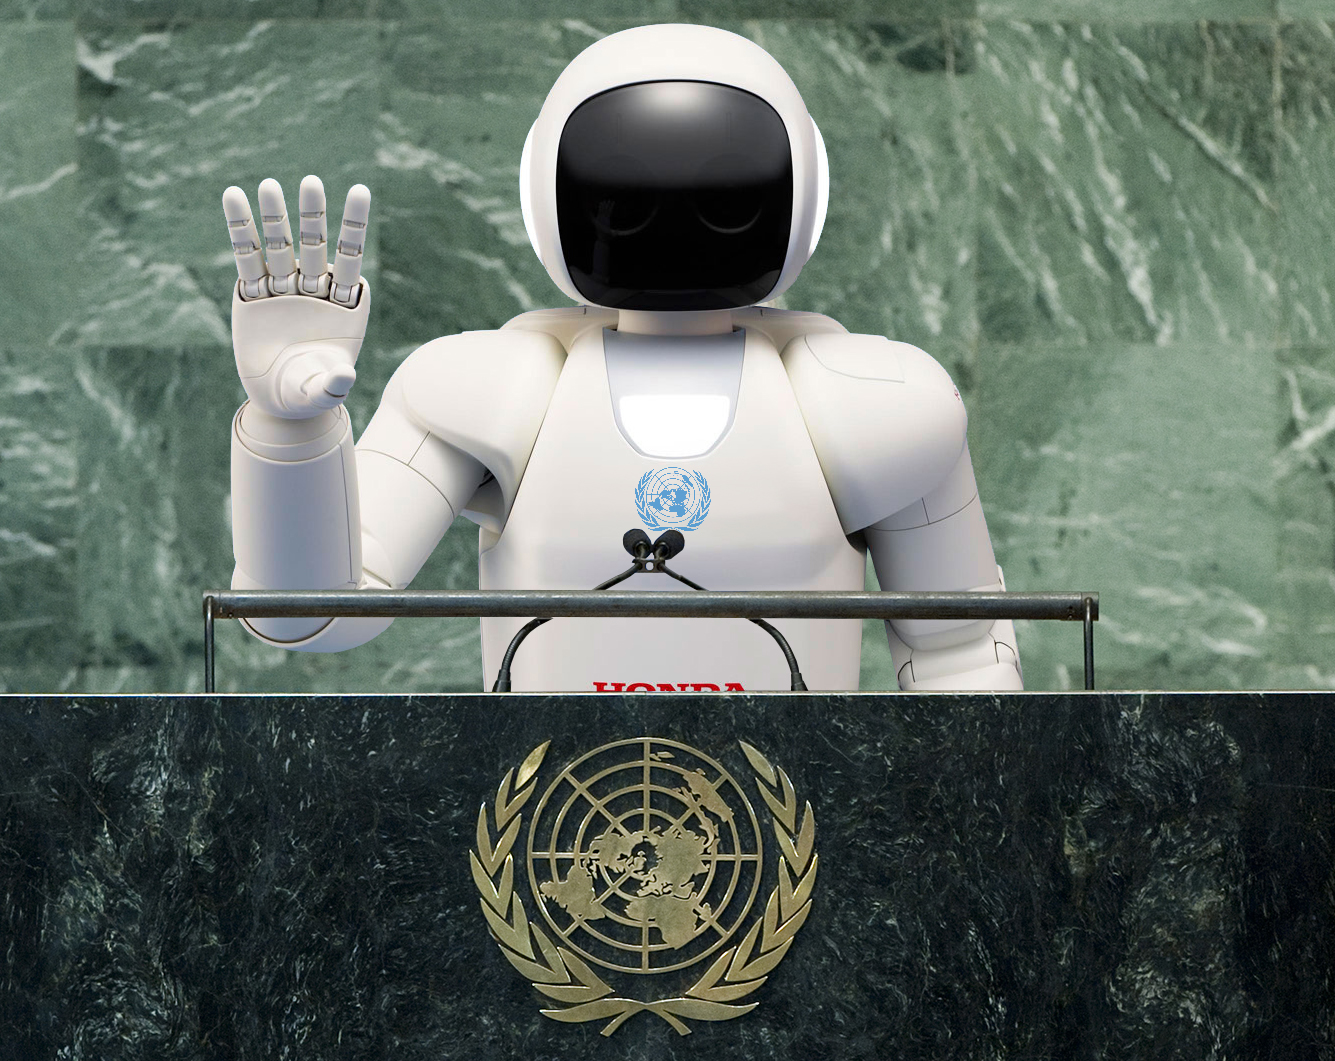 صورة شركة هوندا تصنع روبوتاً بسيطاً كبديل للأمين العام للأمم المتحدة